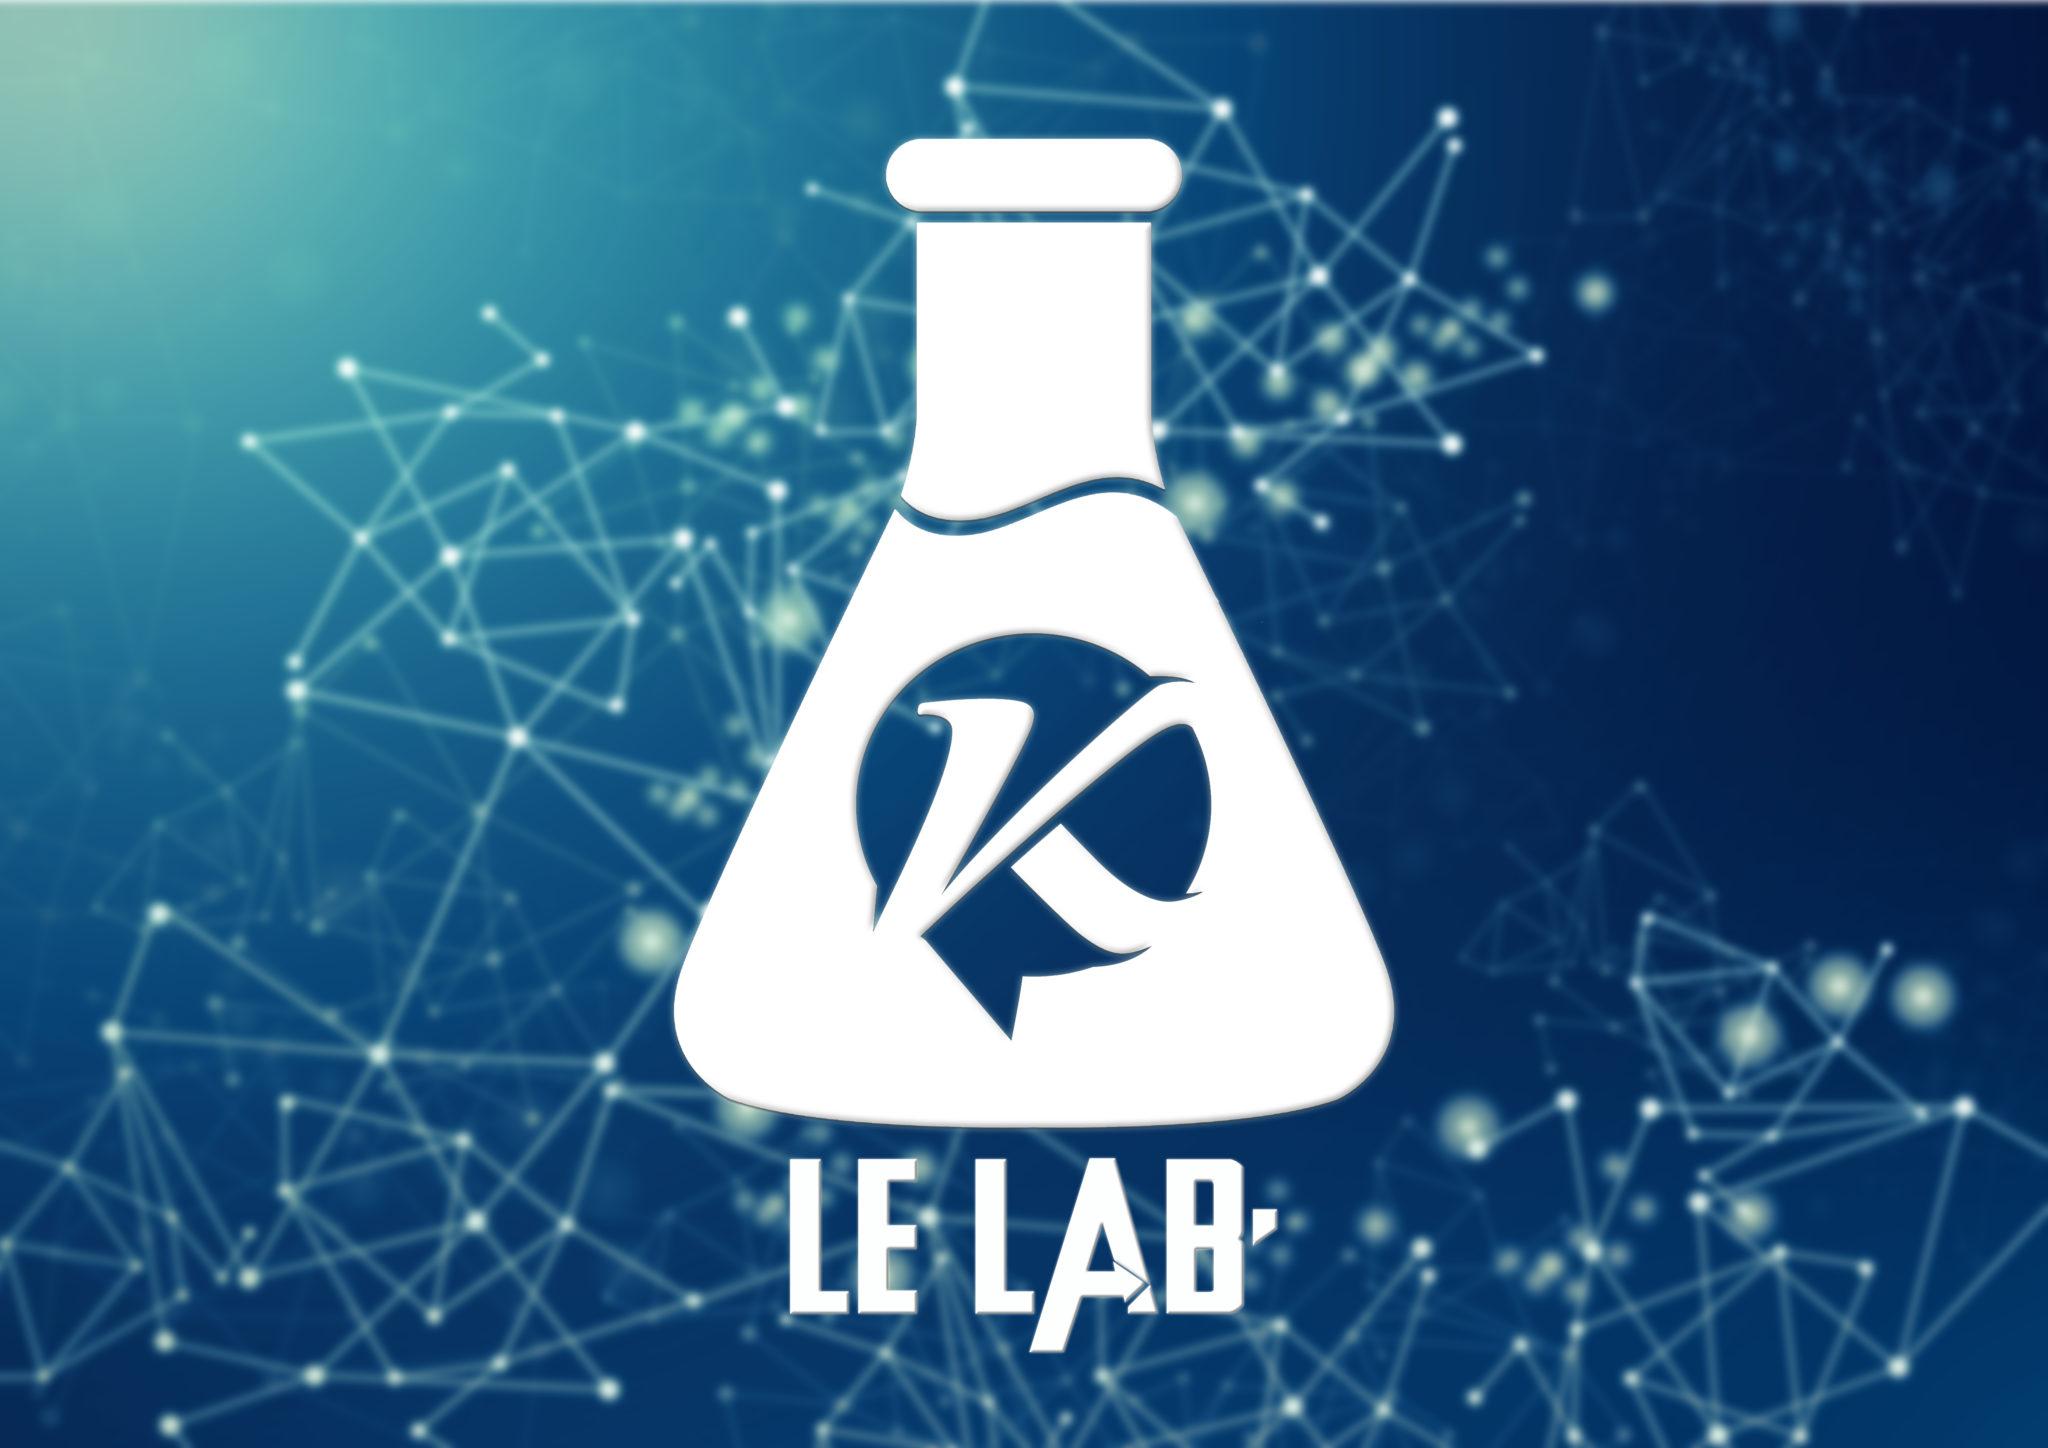 Le Lab' by Kinic, un espace pour penser demain